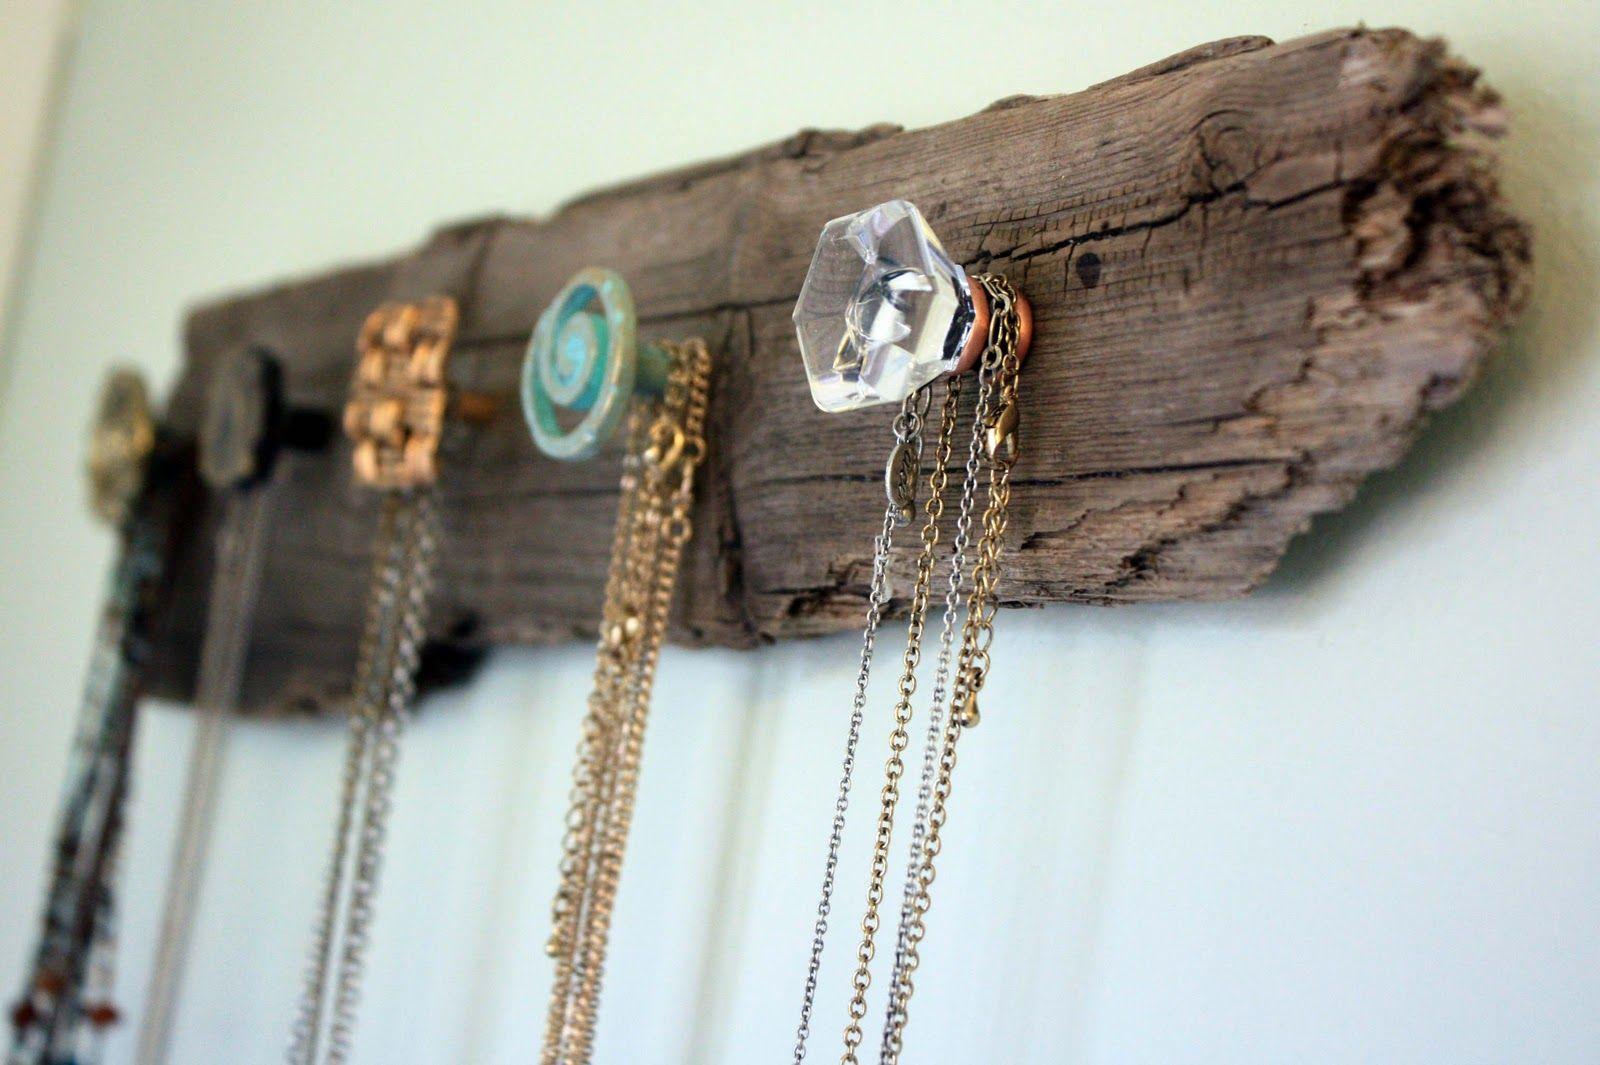 Visibly Moved DIY Necklace Holder Diy Pinterest Diy necklace